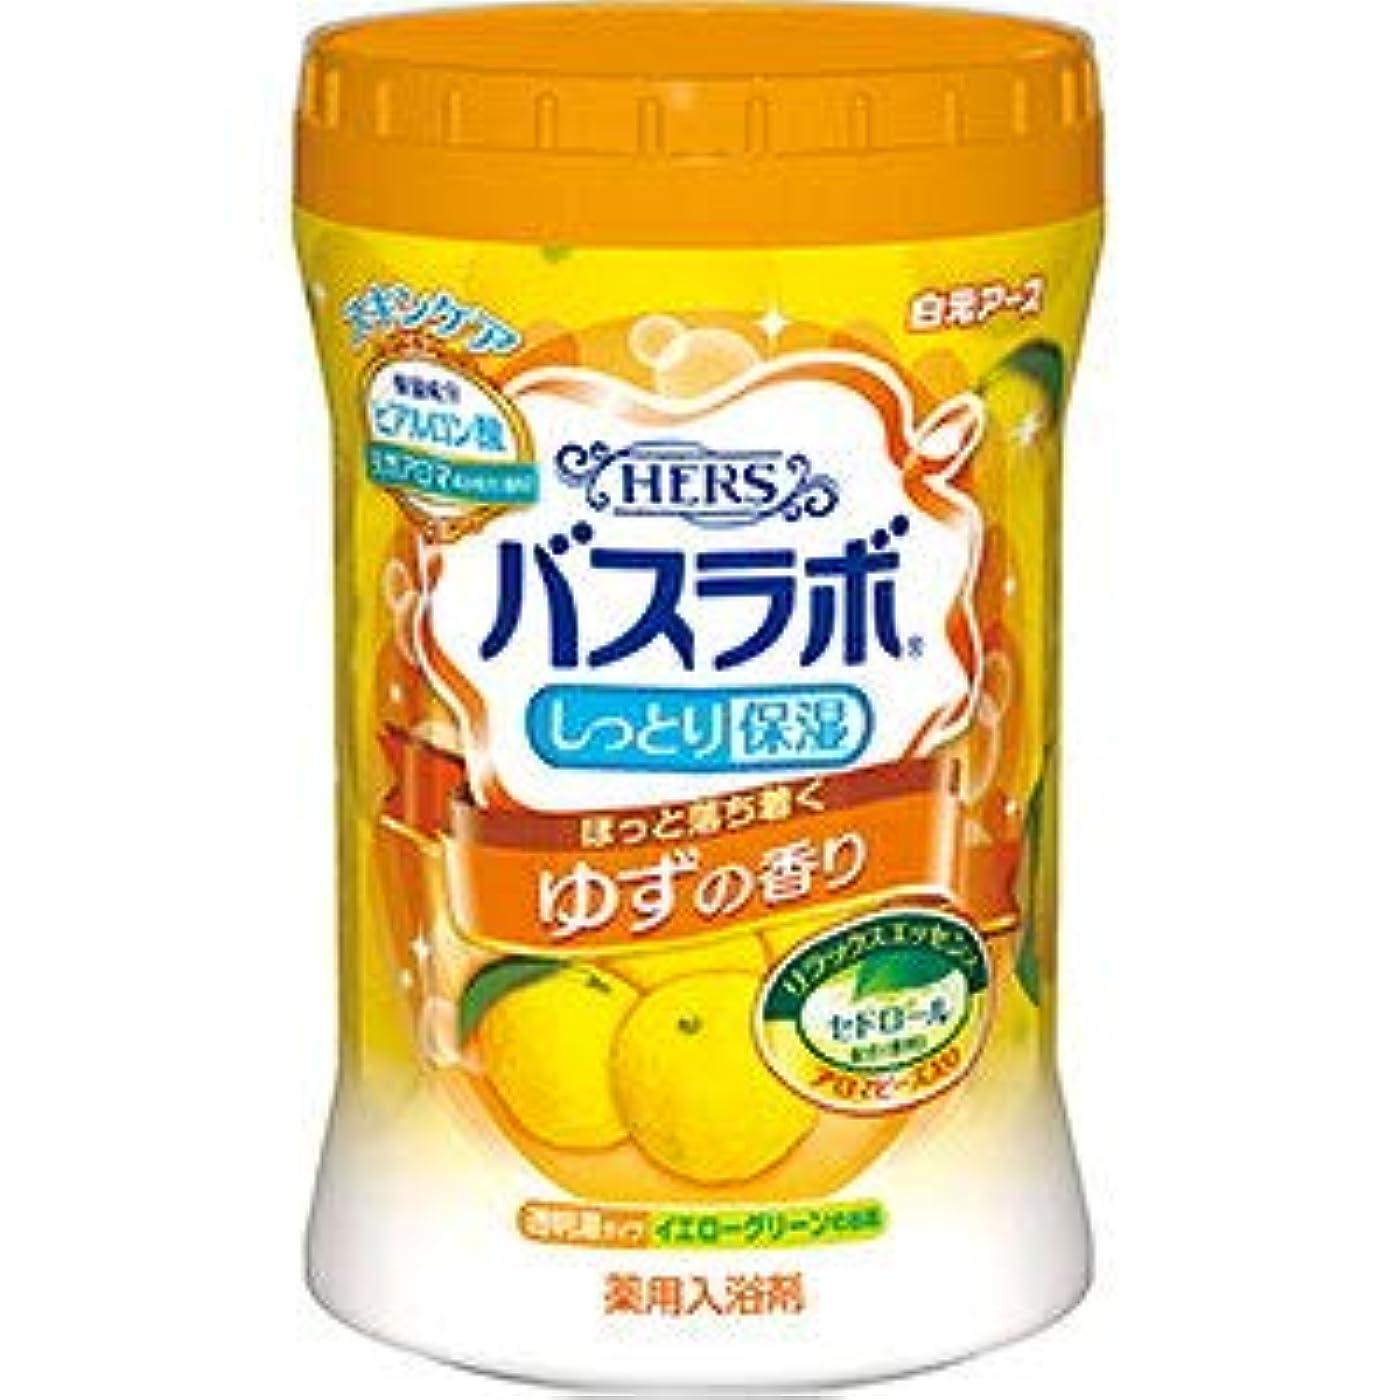 無臭太い汚い白元 HERSバスラボ しっとり保湿 薬用入浴剤 ゆずの香り 680g [医薬部外品] 1ケース15個